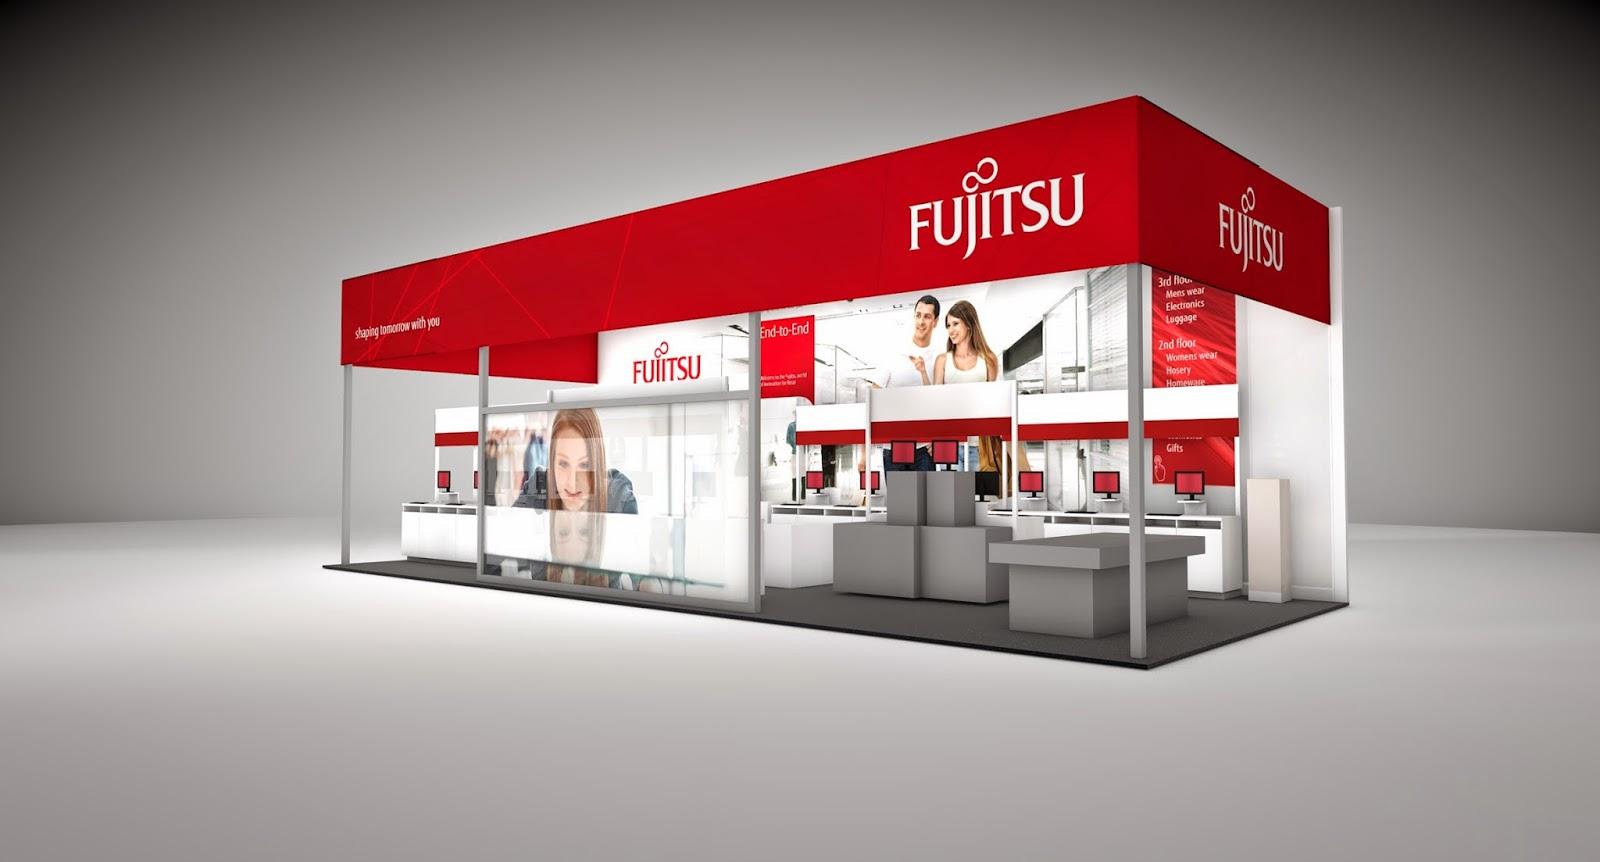 event_show_fujitsu_2013_fair